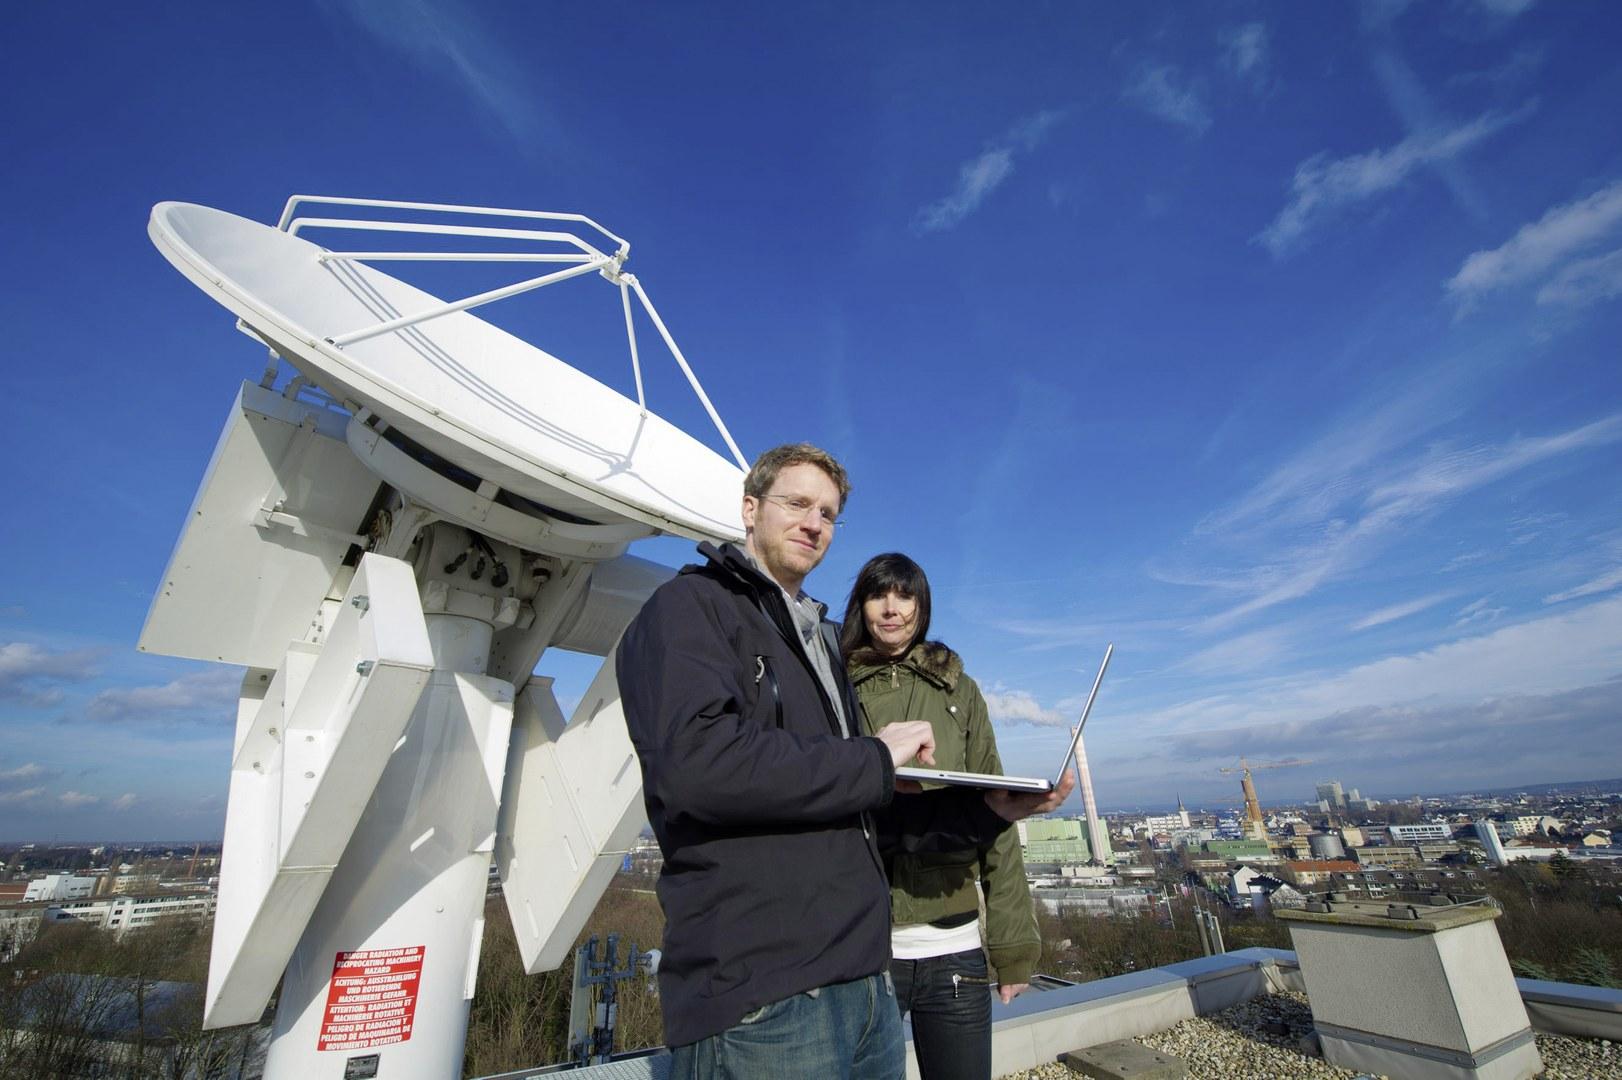 Am Regenradar über den Dächern von Bonn: